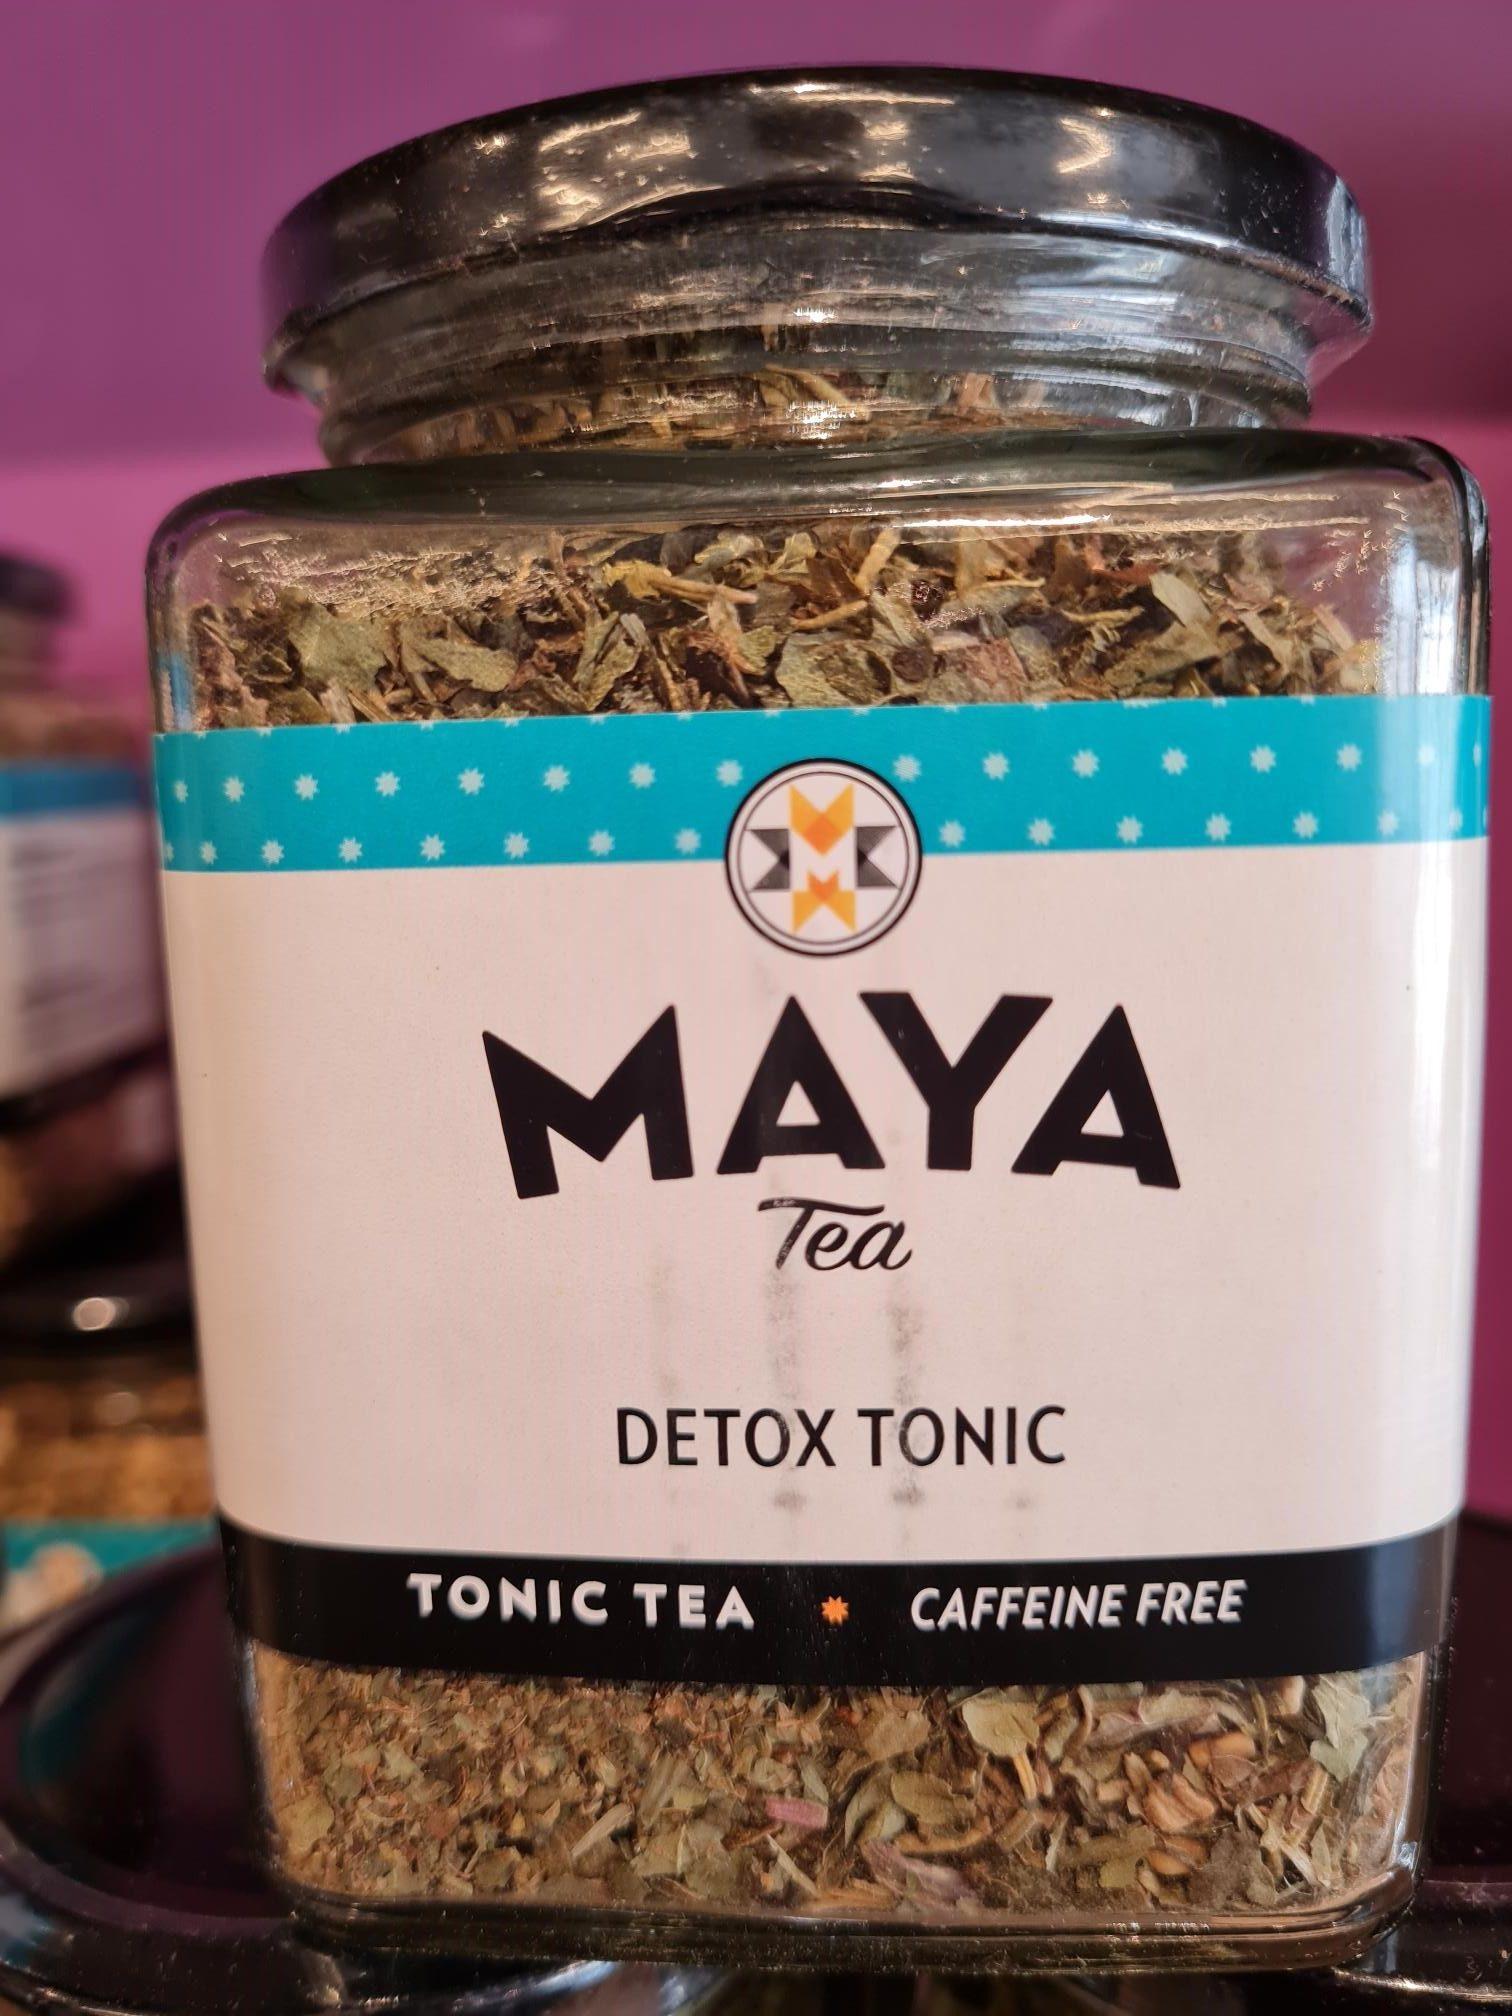 MAYA Detox Tonic Loose Tea